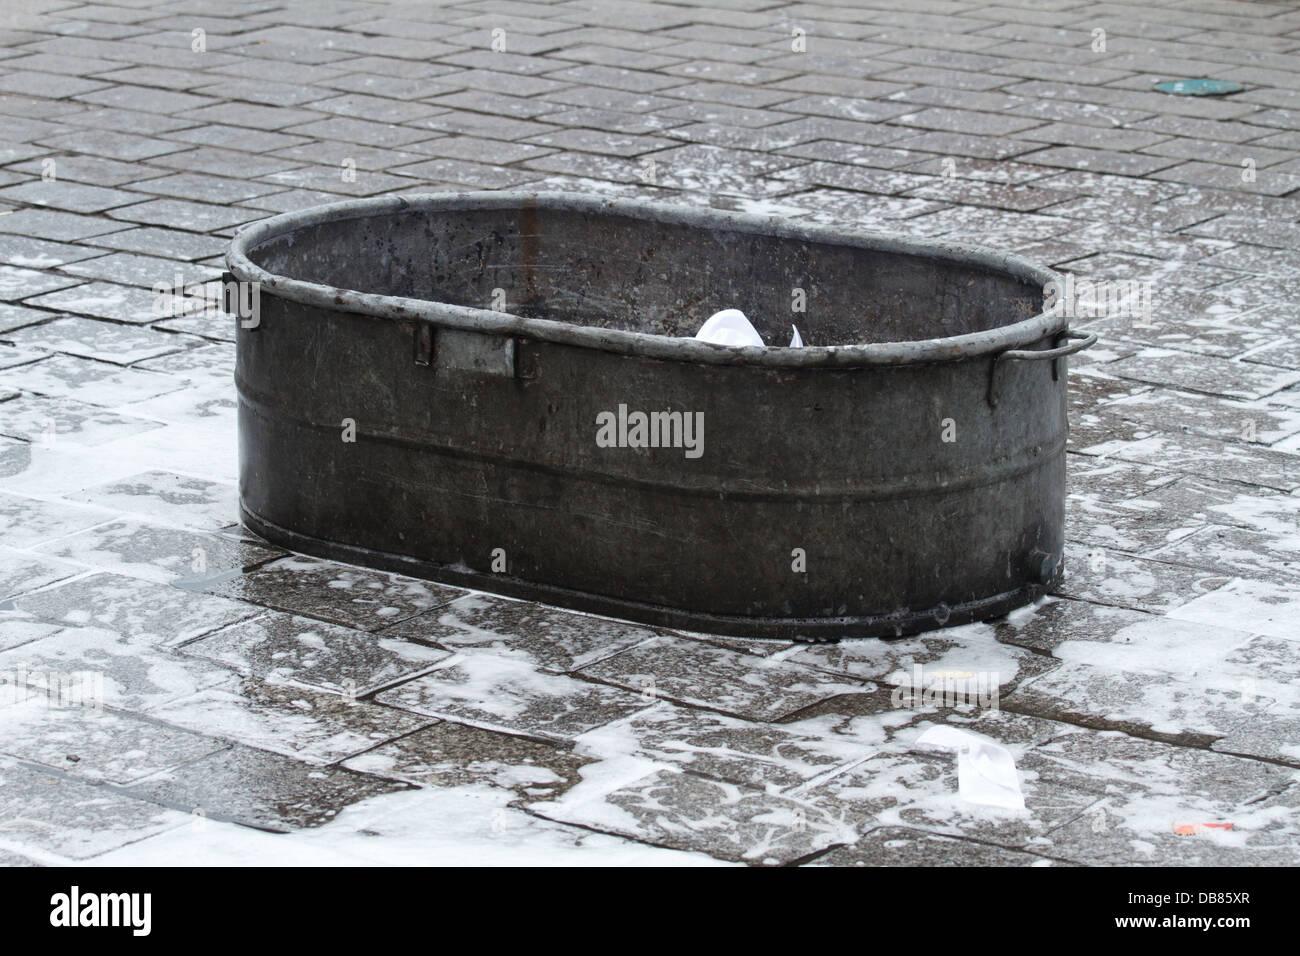 Vasca Da Bagno Di Zinco : Zinco vecchia vasca da bagno sul marciapiede foto immagine stock